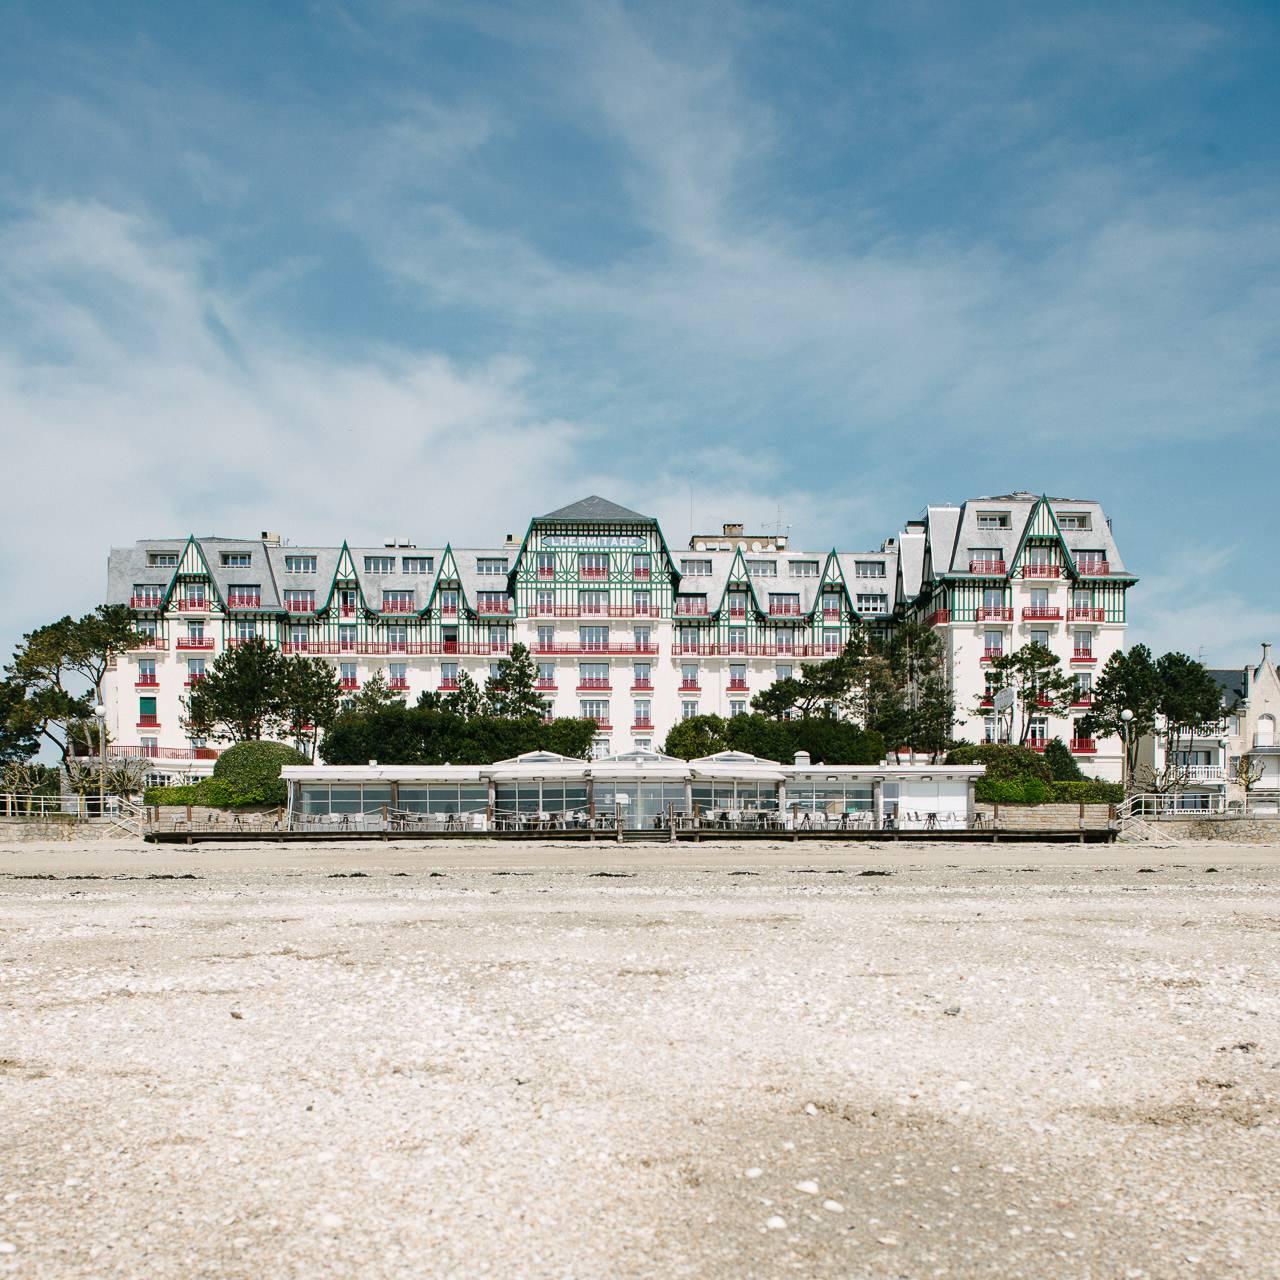 hotel Hermitage sur la plage de La Baule - photographe la baule